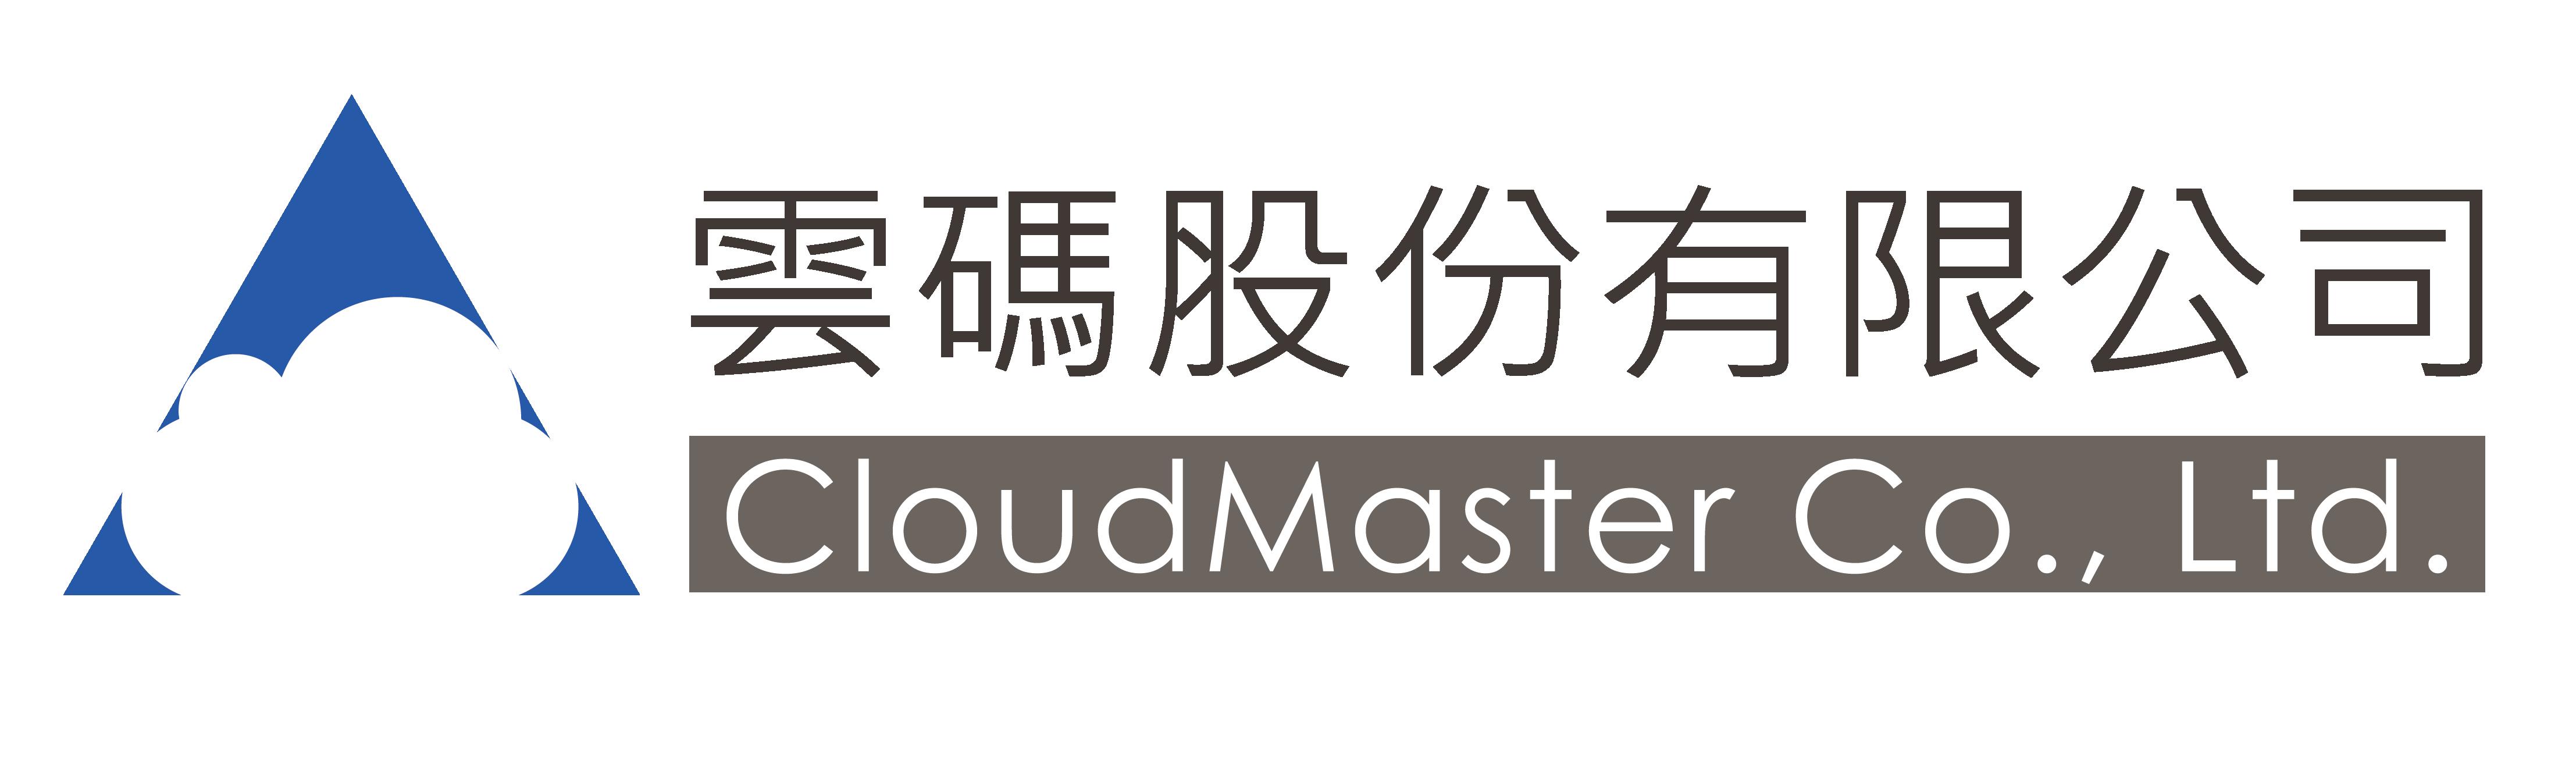 雲碼股份有限公司 CloudMaster